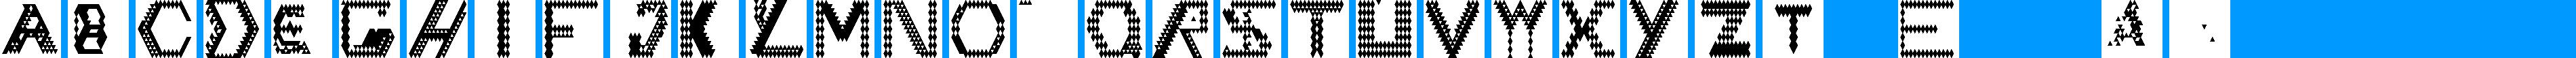 Particip-a-type v.191